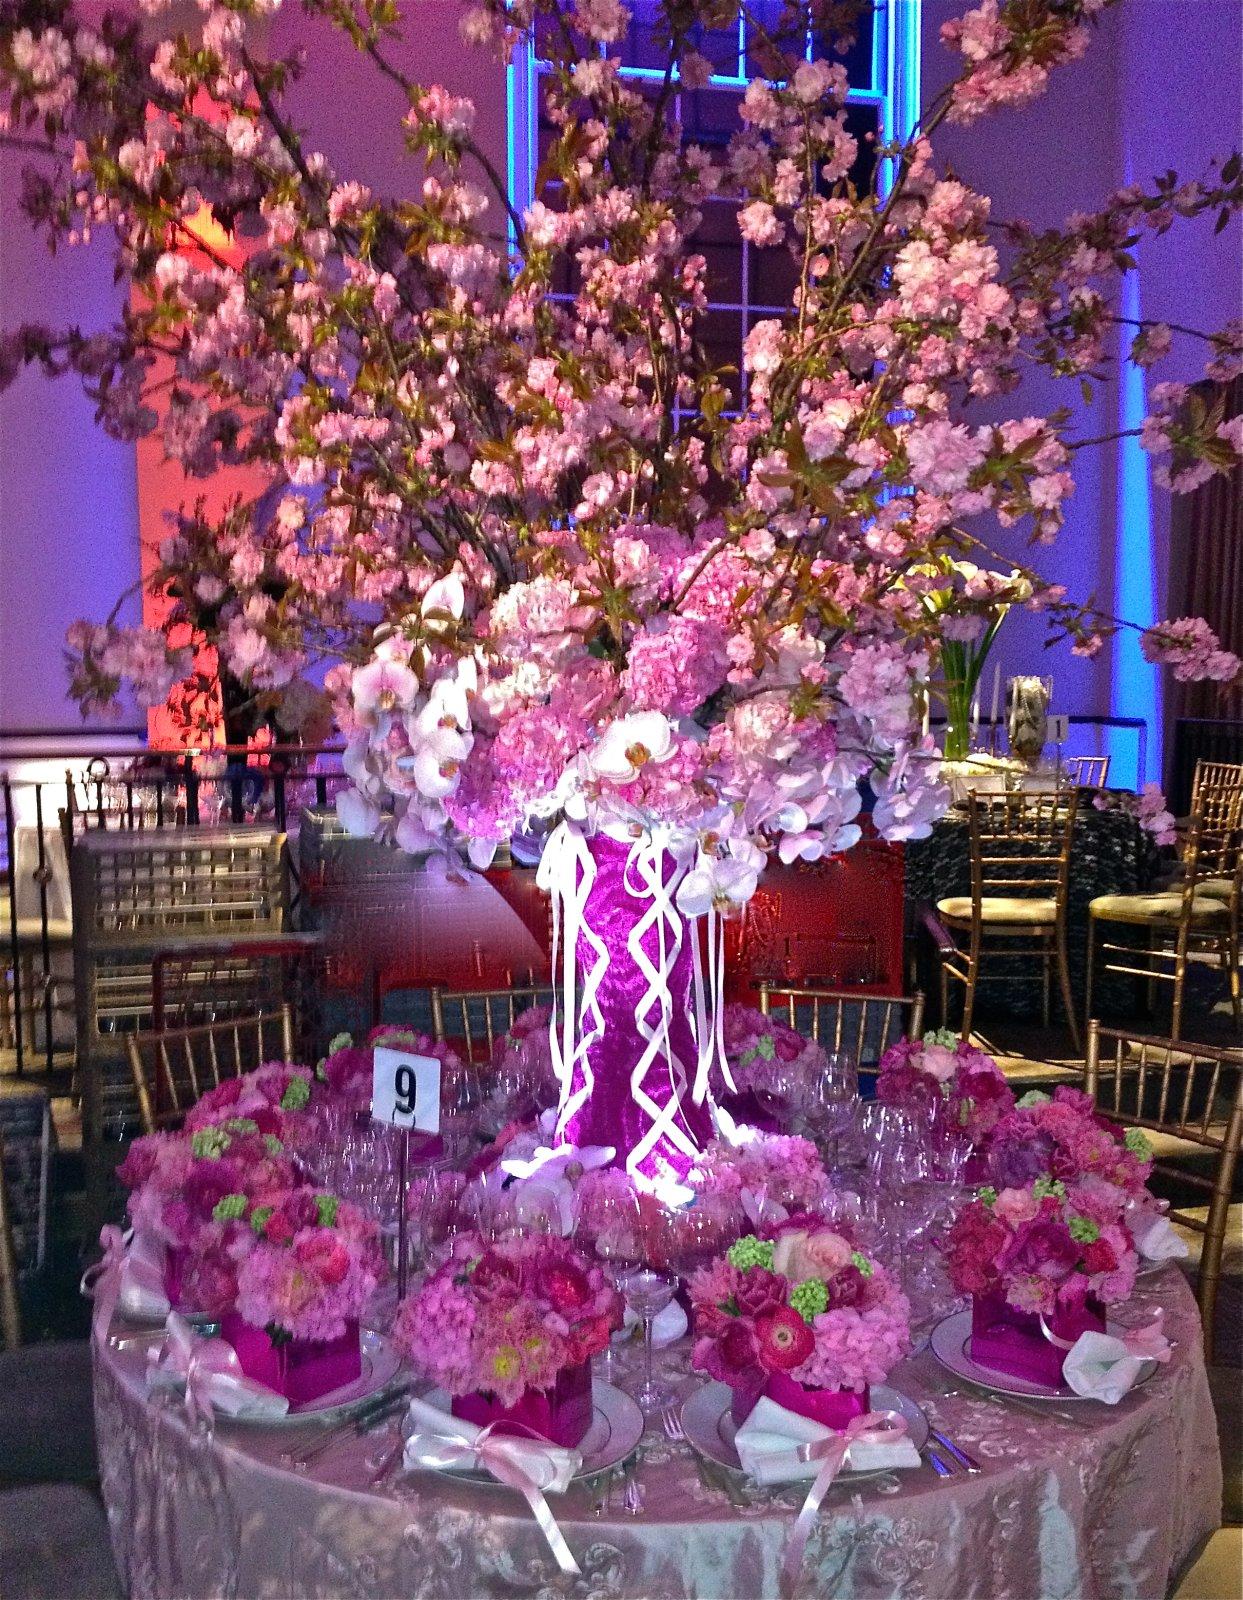 New York Flower Show Dinner Dance - Part 1